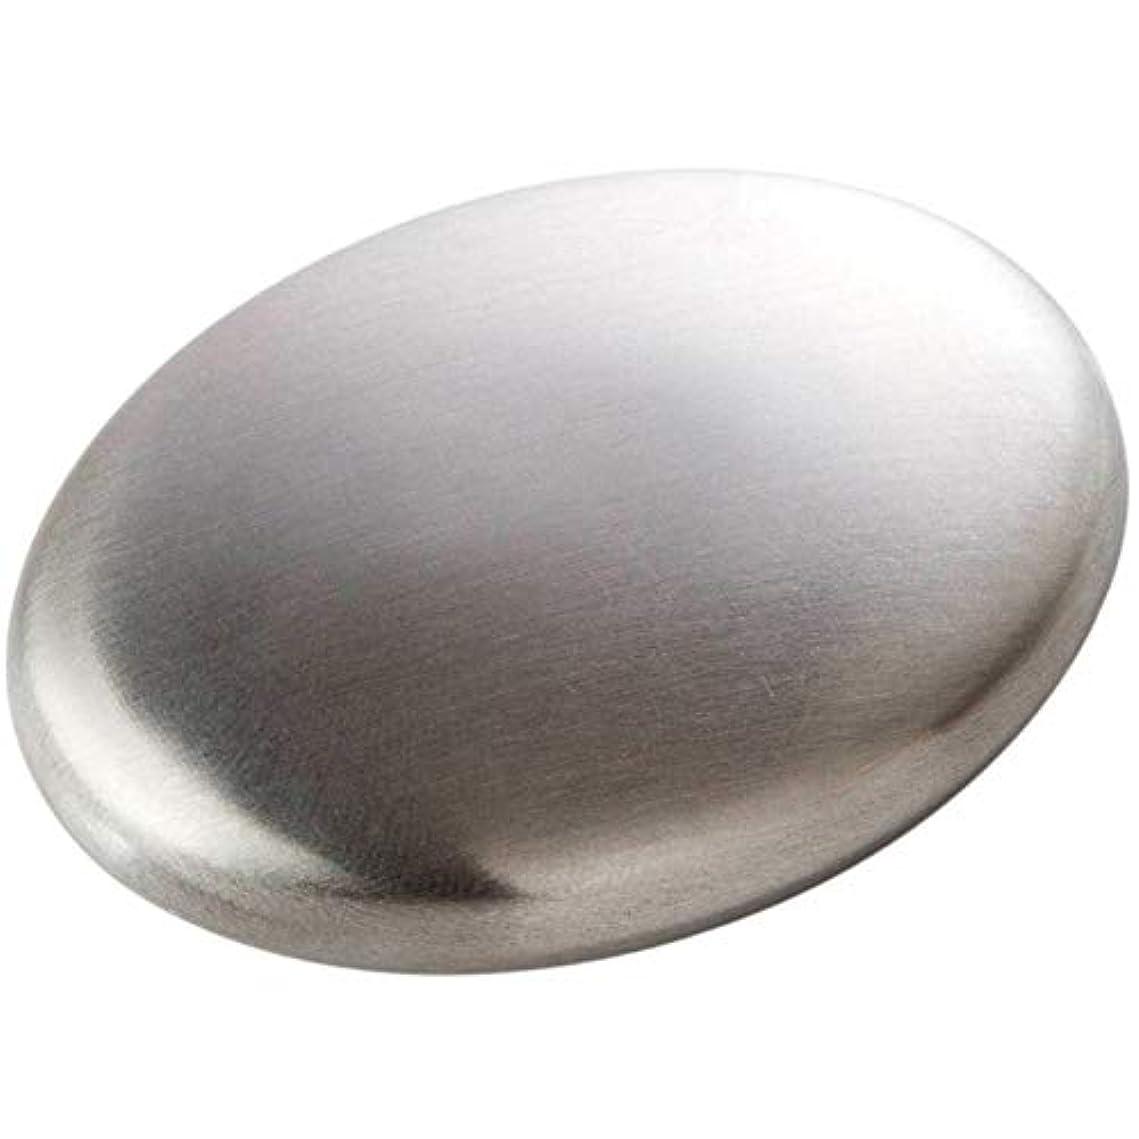 生活嫌悪放出せっけん ステンレス鋼 消臭 石鹸 にんにくと魚のような臭いを取り除き ステンレス鋼 臭気除去剤 匂い除去剤 最新型 人気 実用的 Cutelove